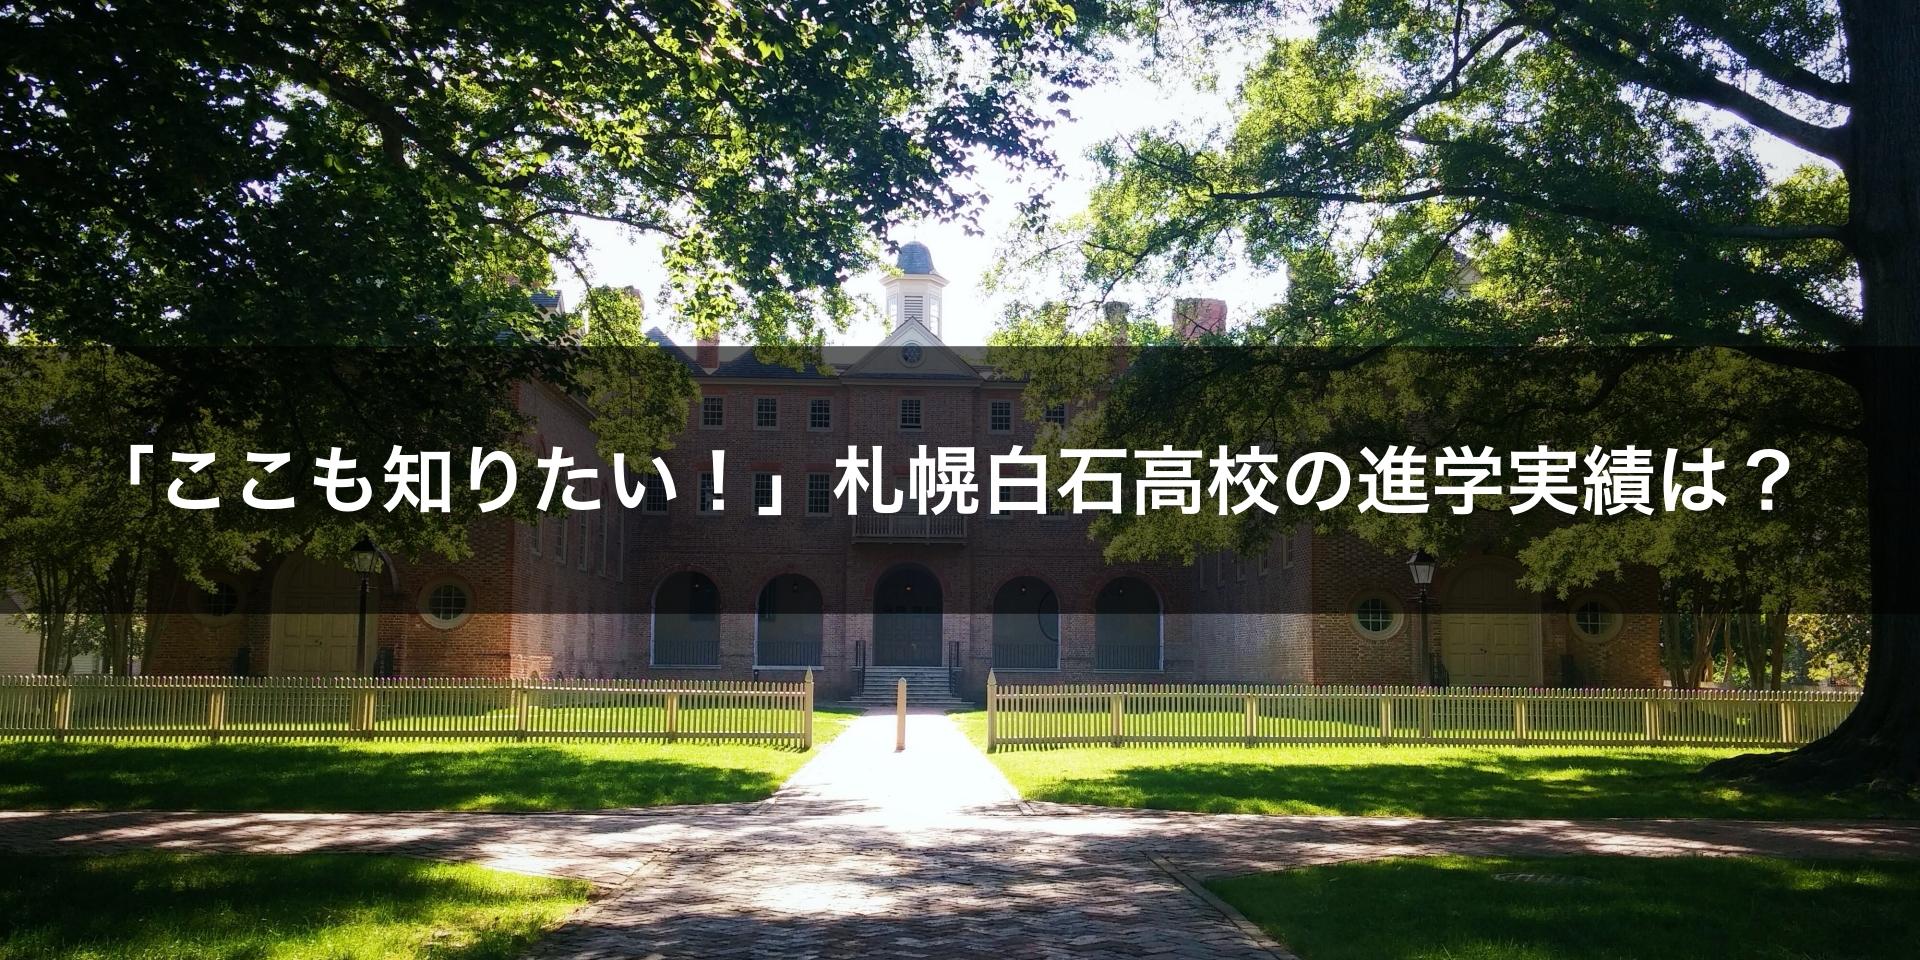 札幌白石高校の進学実績は?